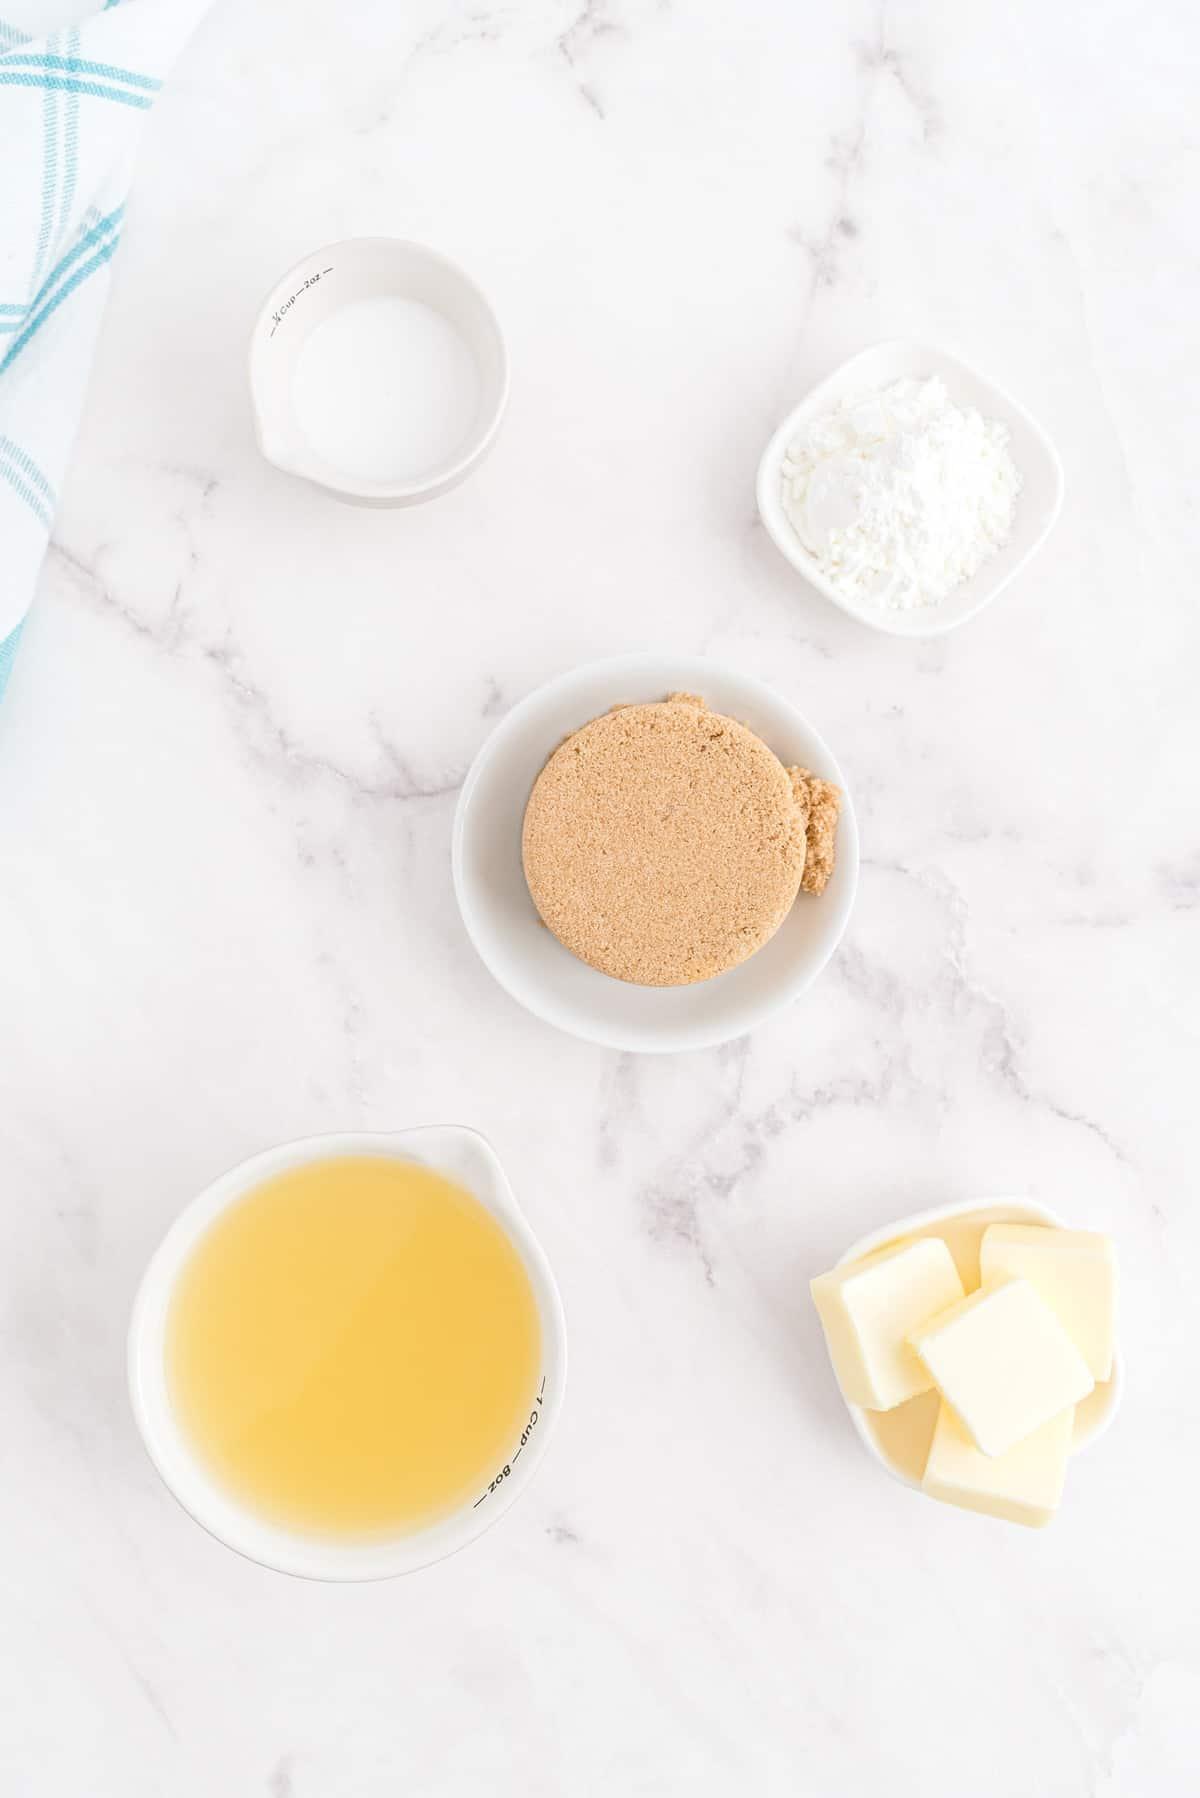 Overhead view of ingredients for rum sauce: Butter, brown sugar, pineapple juice, cornstarch, coconut cream.